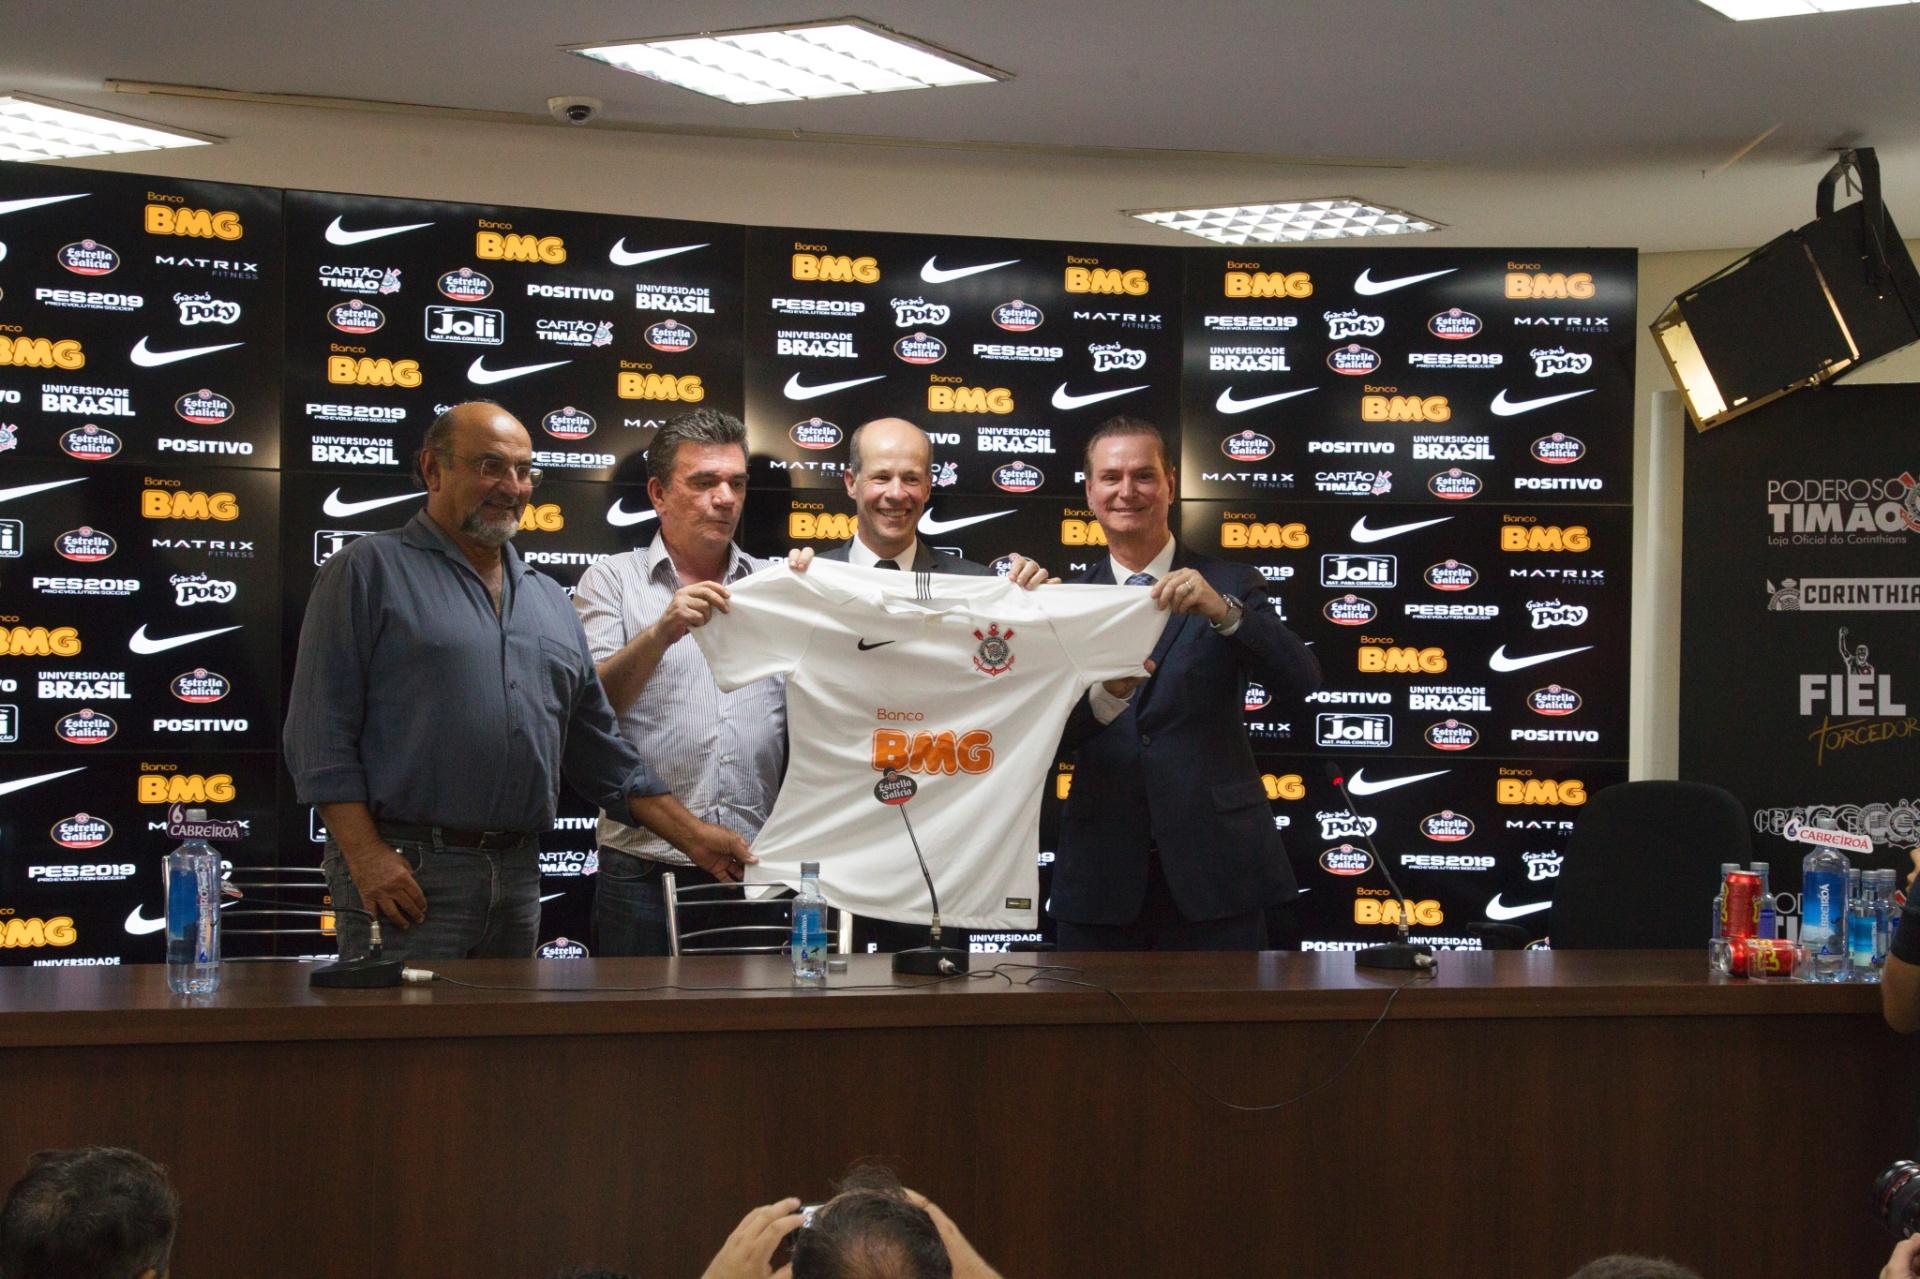 119e3de059014 Corinthians recua sobre acordo com BMG e admite R  12 milhões fixos em 2020  - 25 01 2019 - UOL Esporte